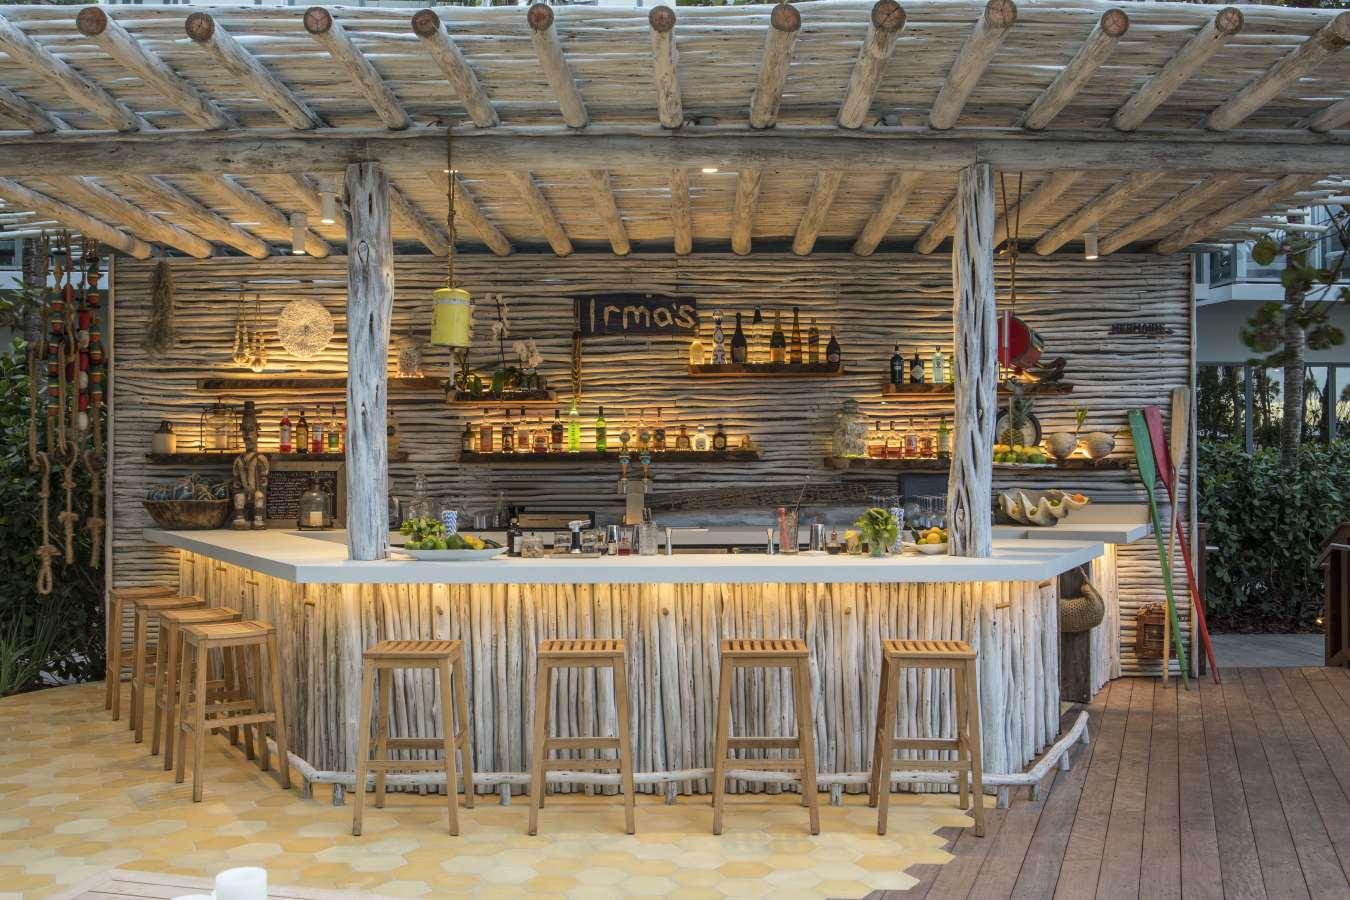 Irma's Bar